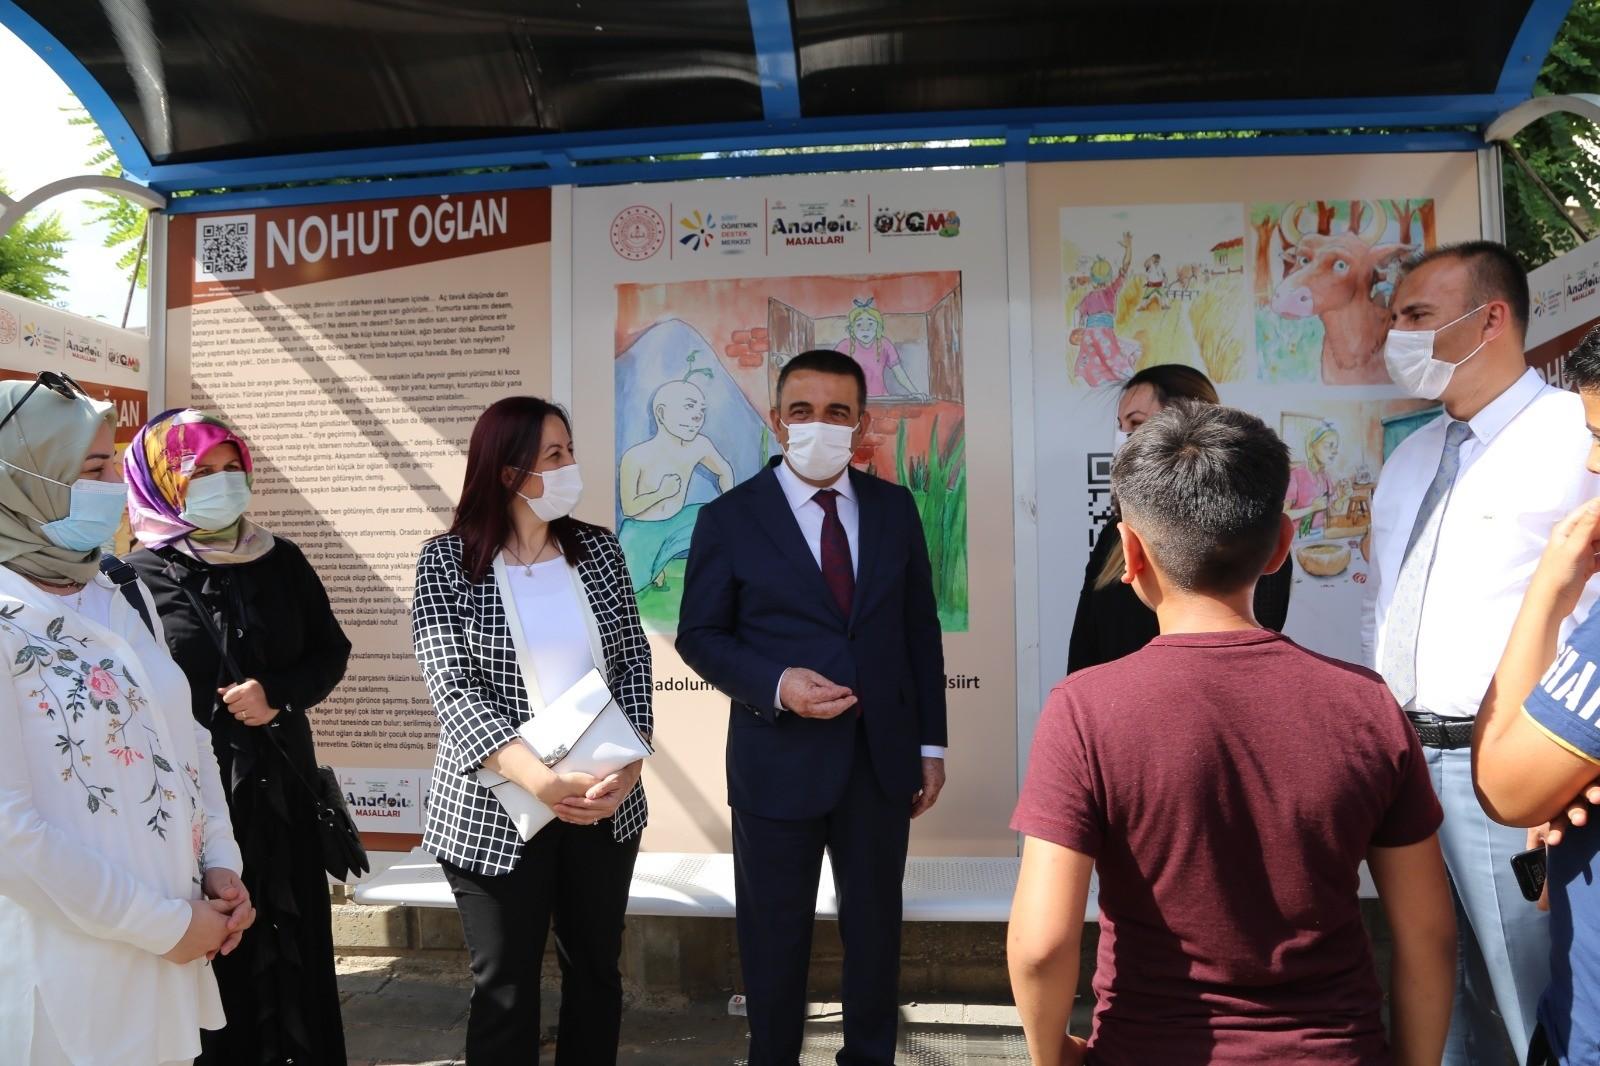 Siirt belediyesi sosyal sorumluluk projelerini hayata geçirmeye devam ediyor